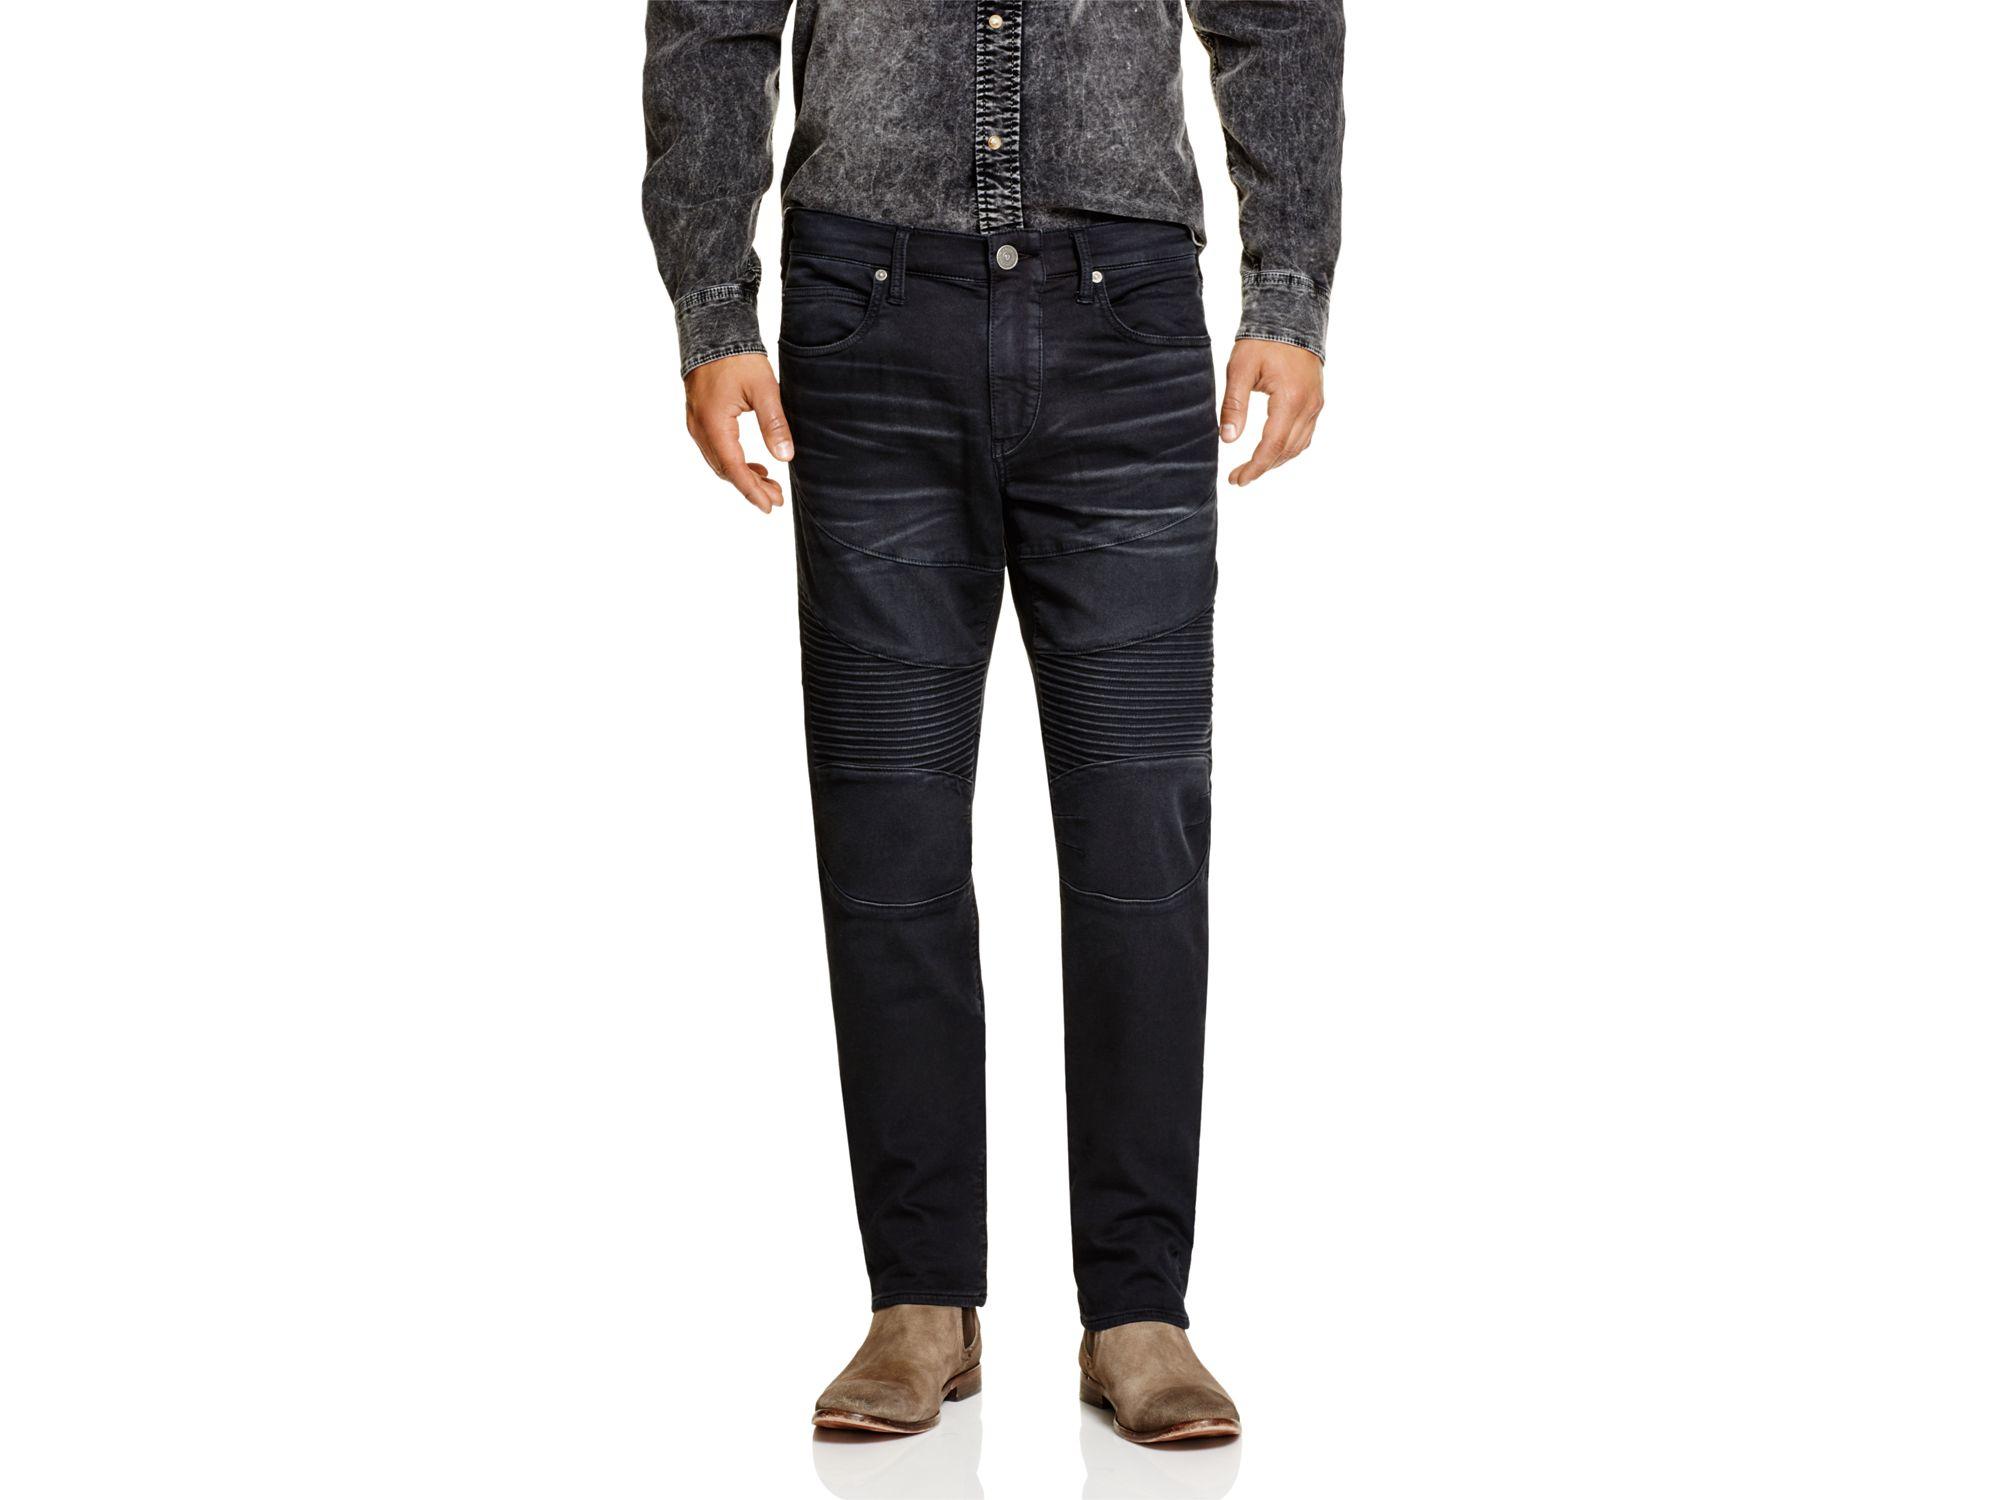 a63caa93e True Religion Overdye Active Rocco Moto Slim Fit Jeans In Black in ...